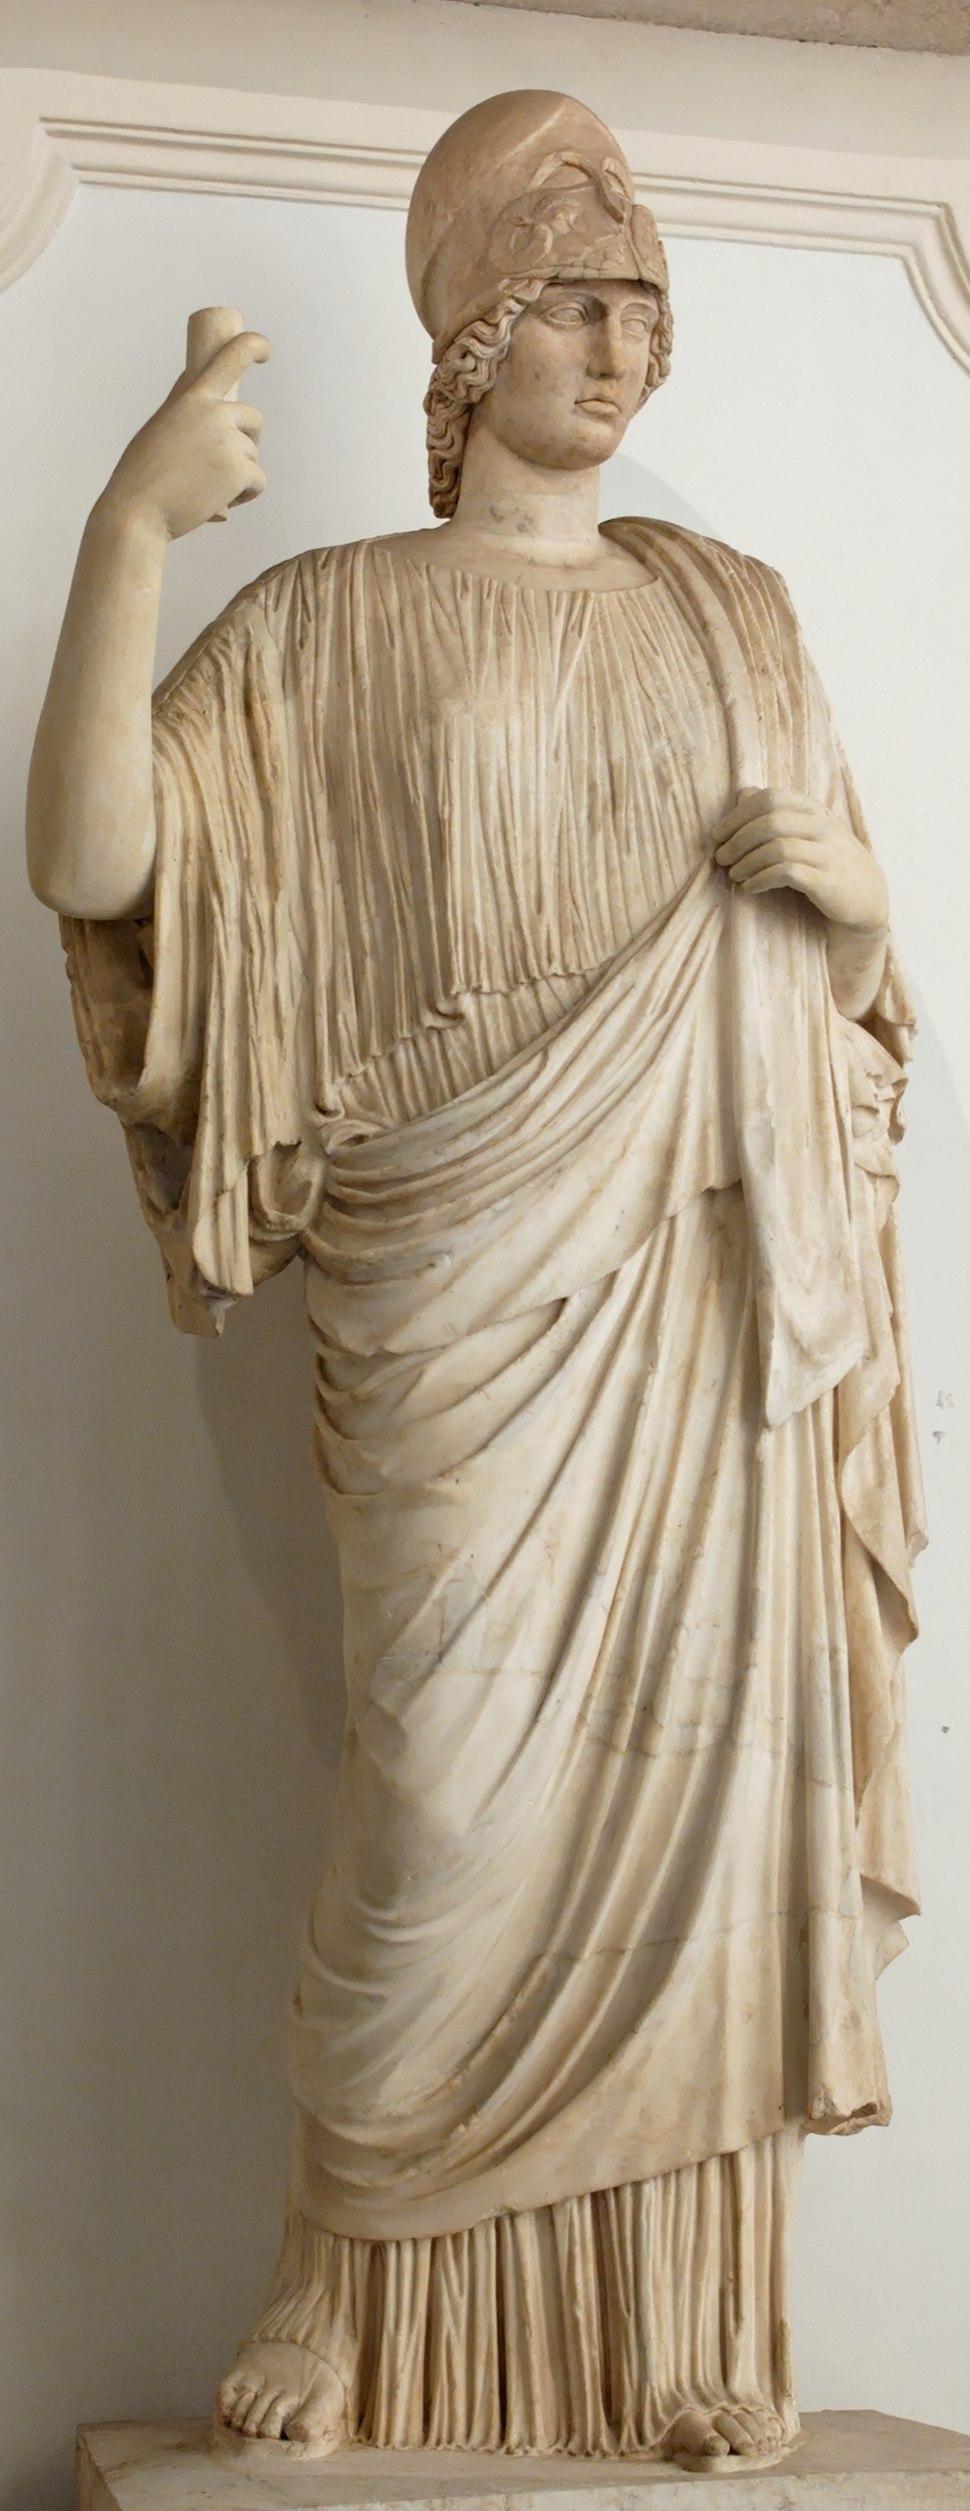 Athena Giustiniani Musei Capitolini MC278